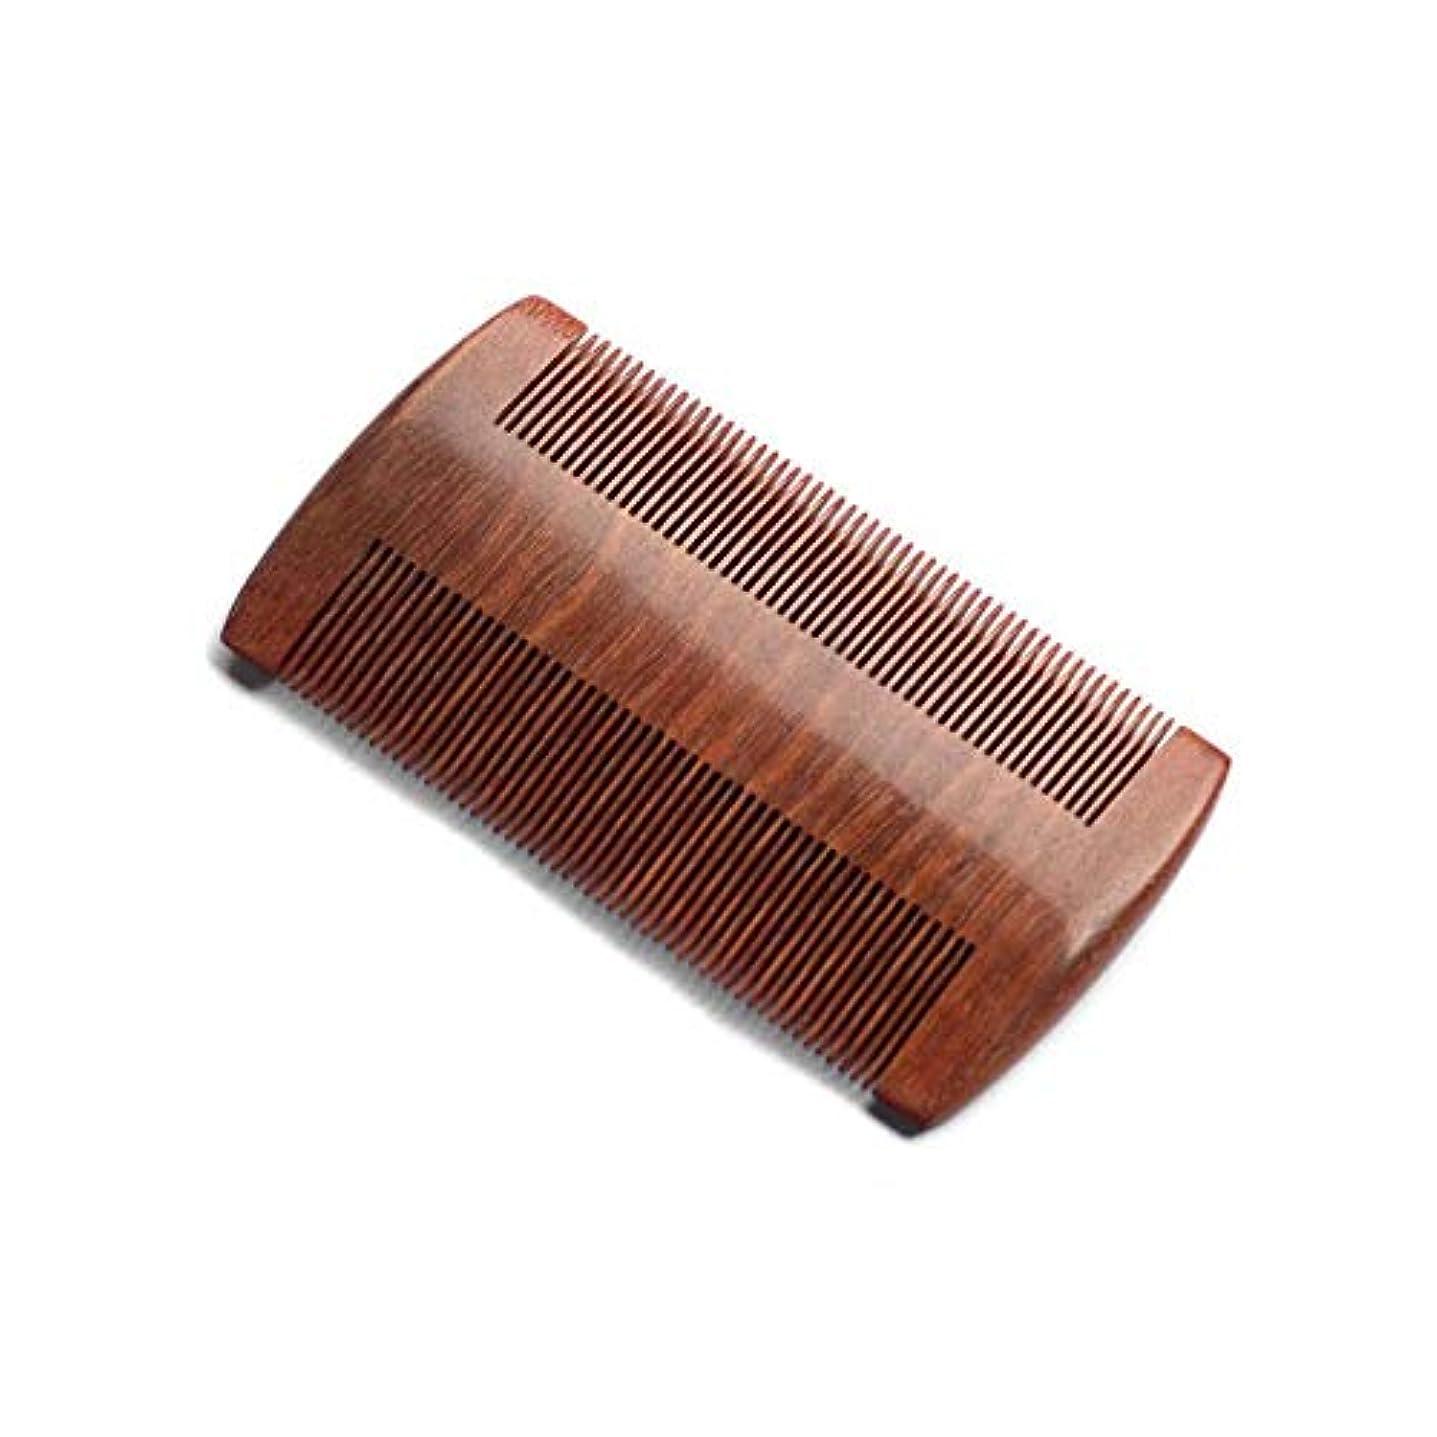 添加剤自宅で炎上ZYDP 細かいコンパクトな歯赤白檀の髪の櫛手作りの櫛帯電防止髪の櫛